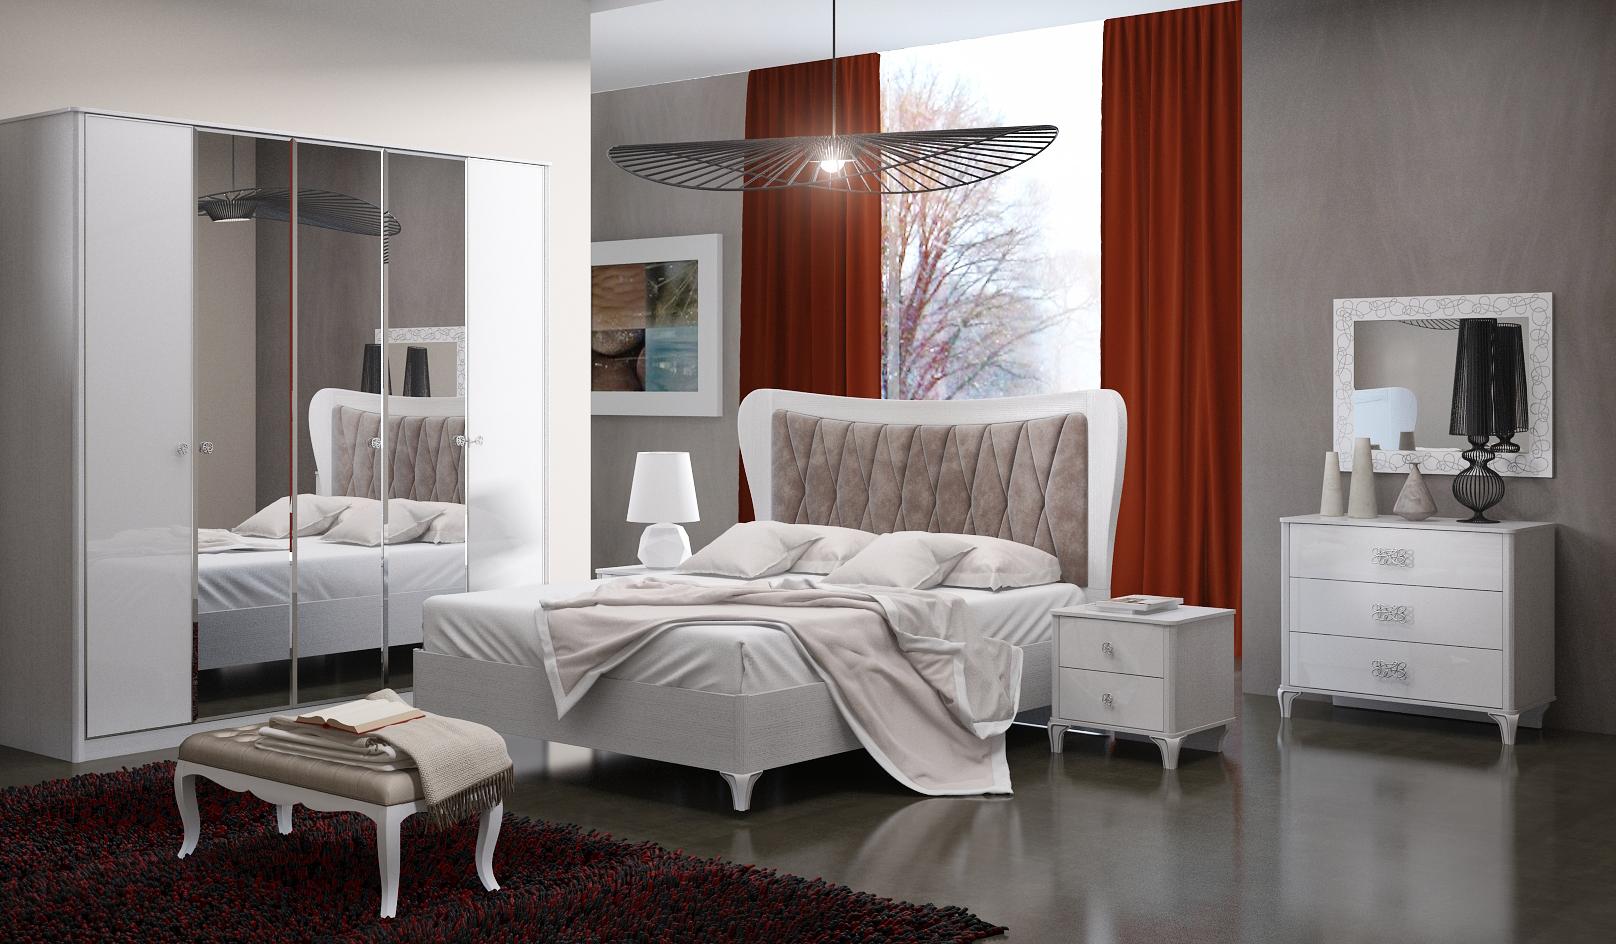 новая коллекция мебели от компании шатура купить мебель в минске